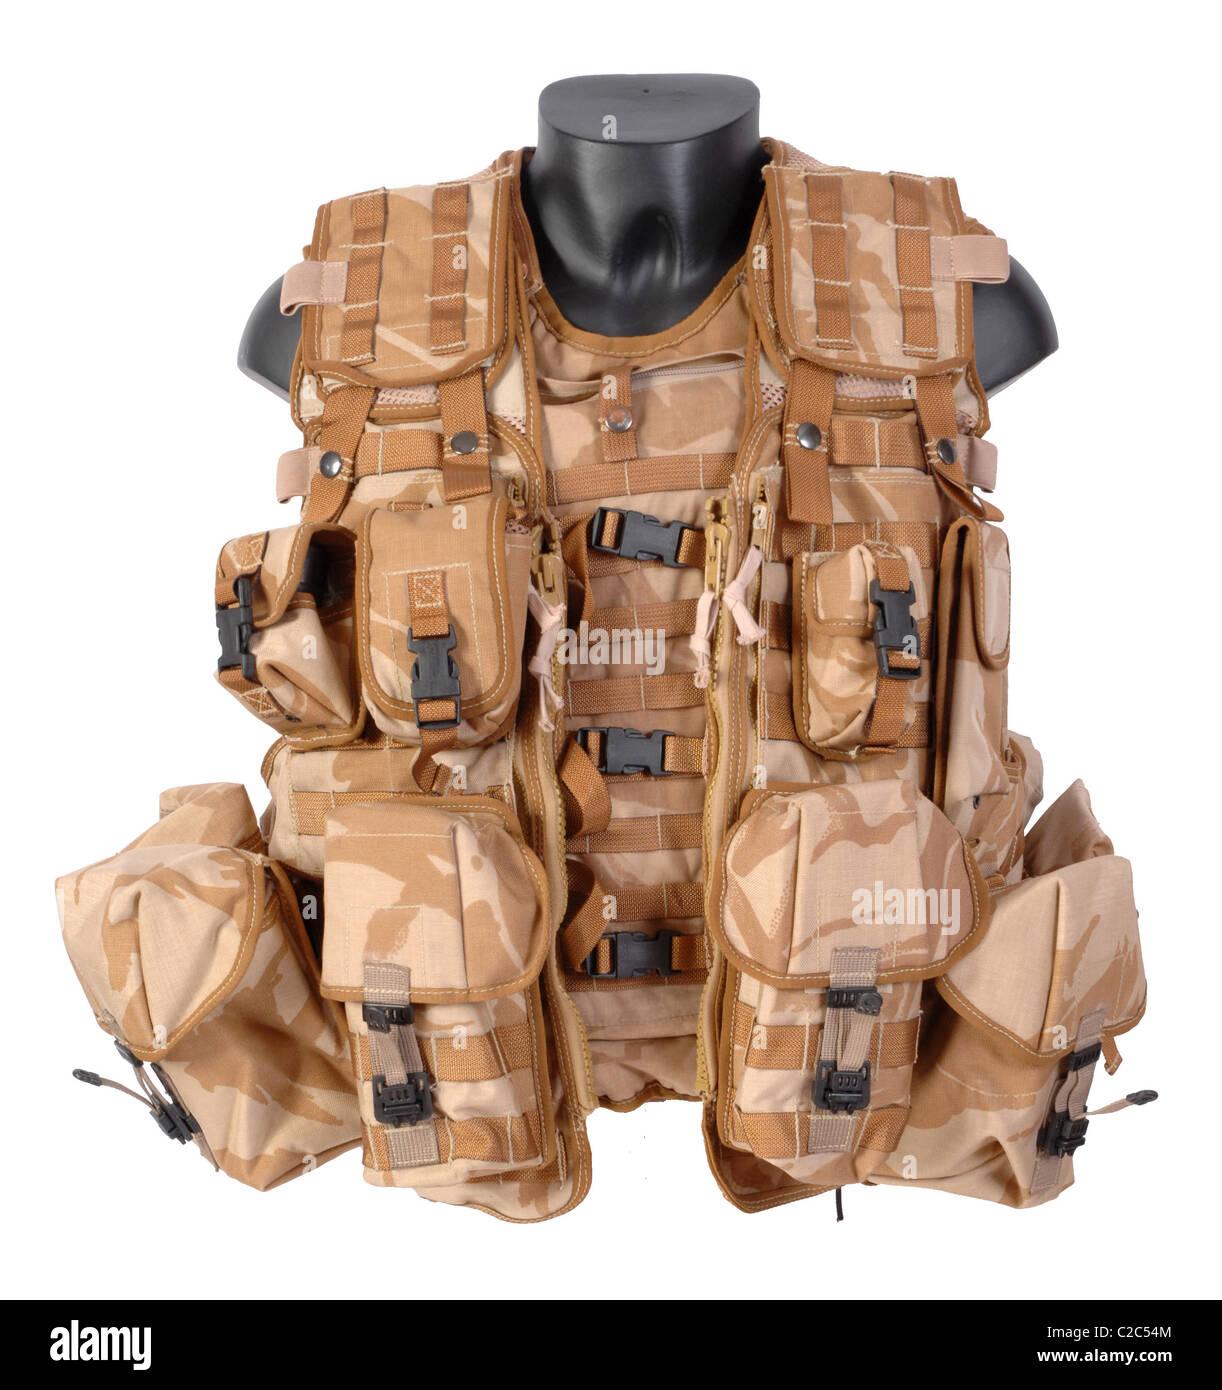 Osprey Mk II Body Armor vest. Porté par dessus l'armure est le gilet, tactique, du transport de charge Photo Stock